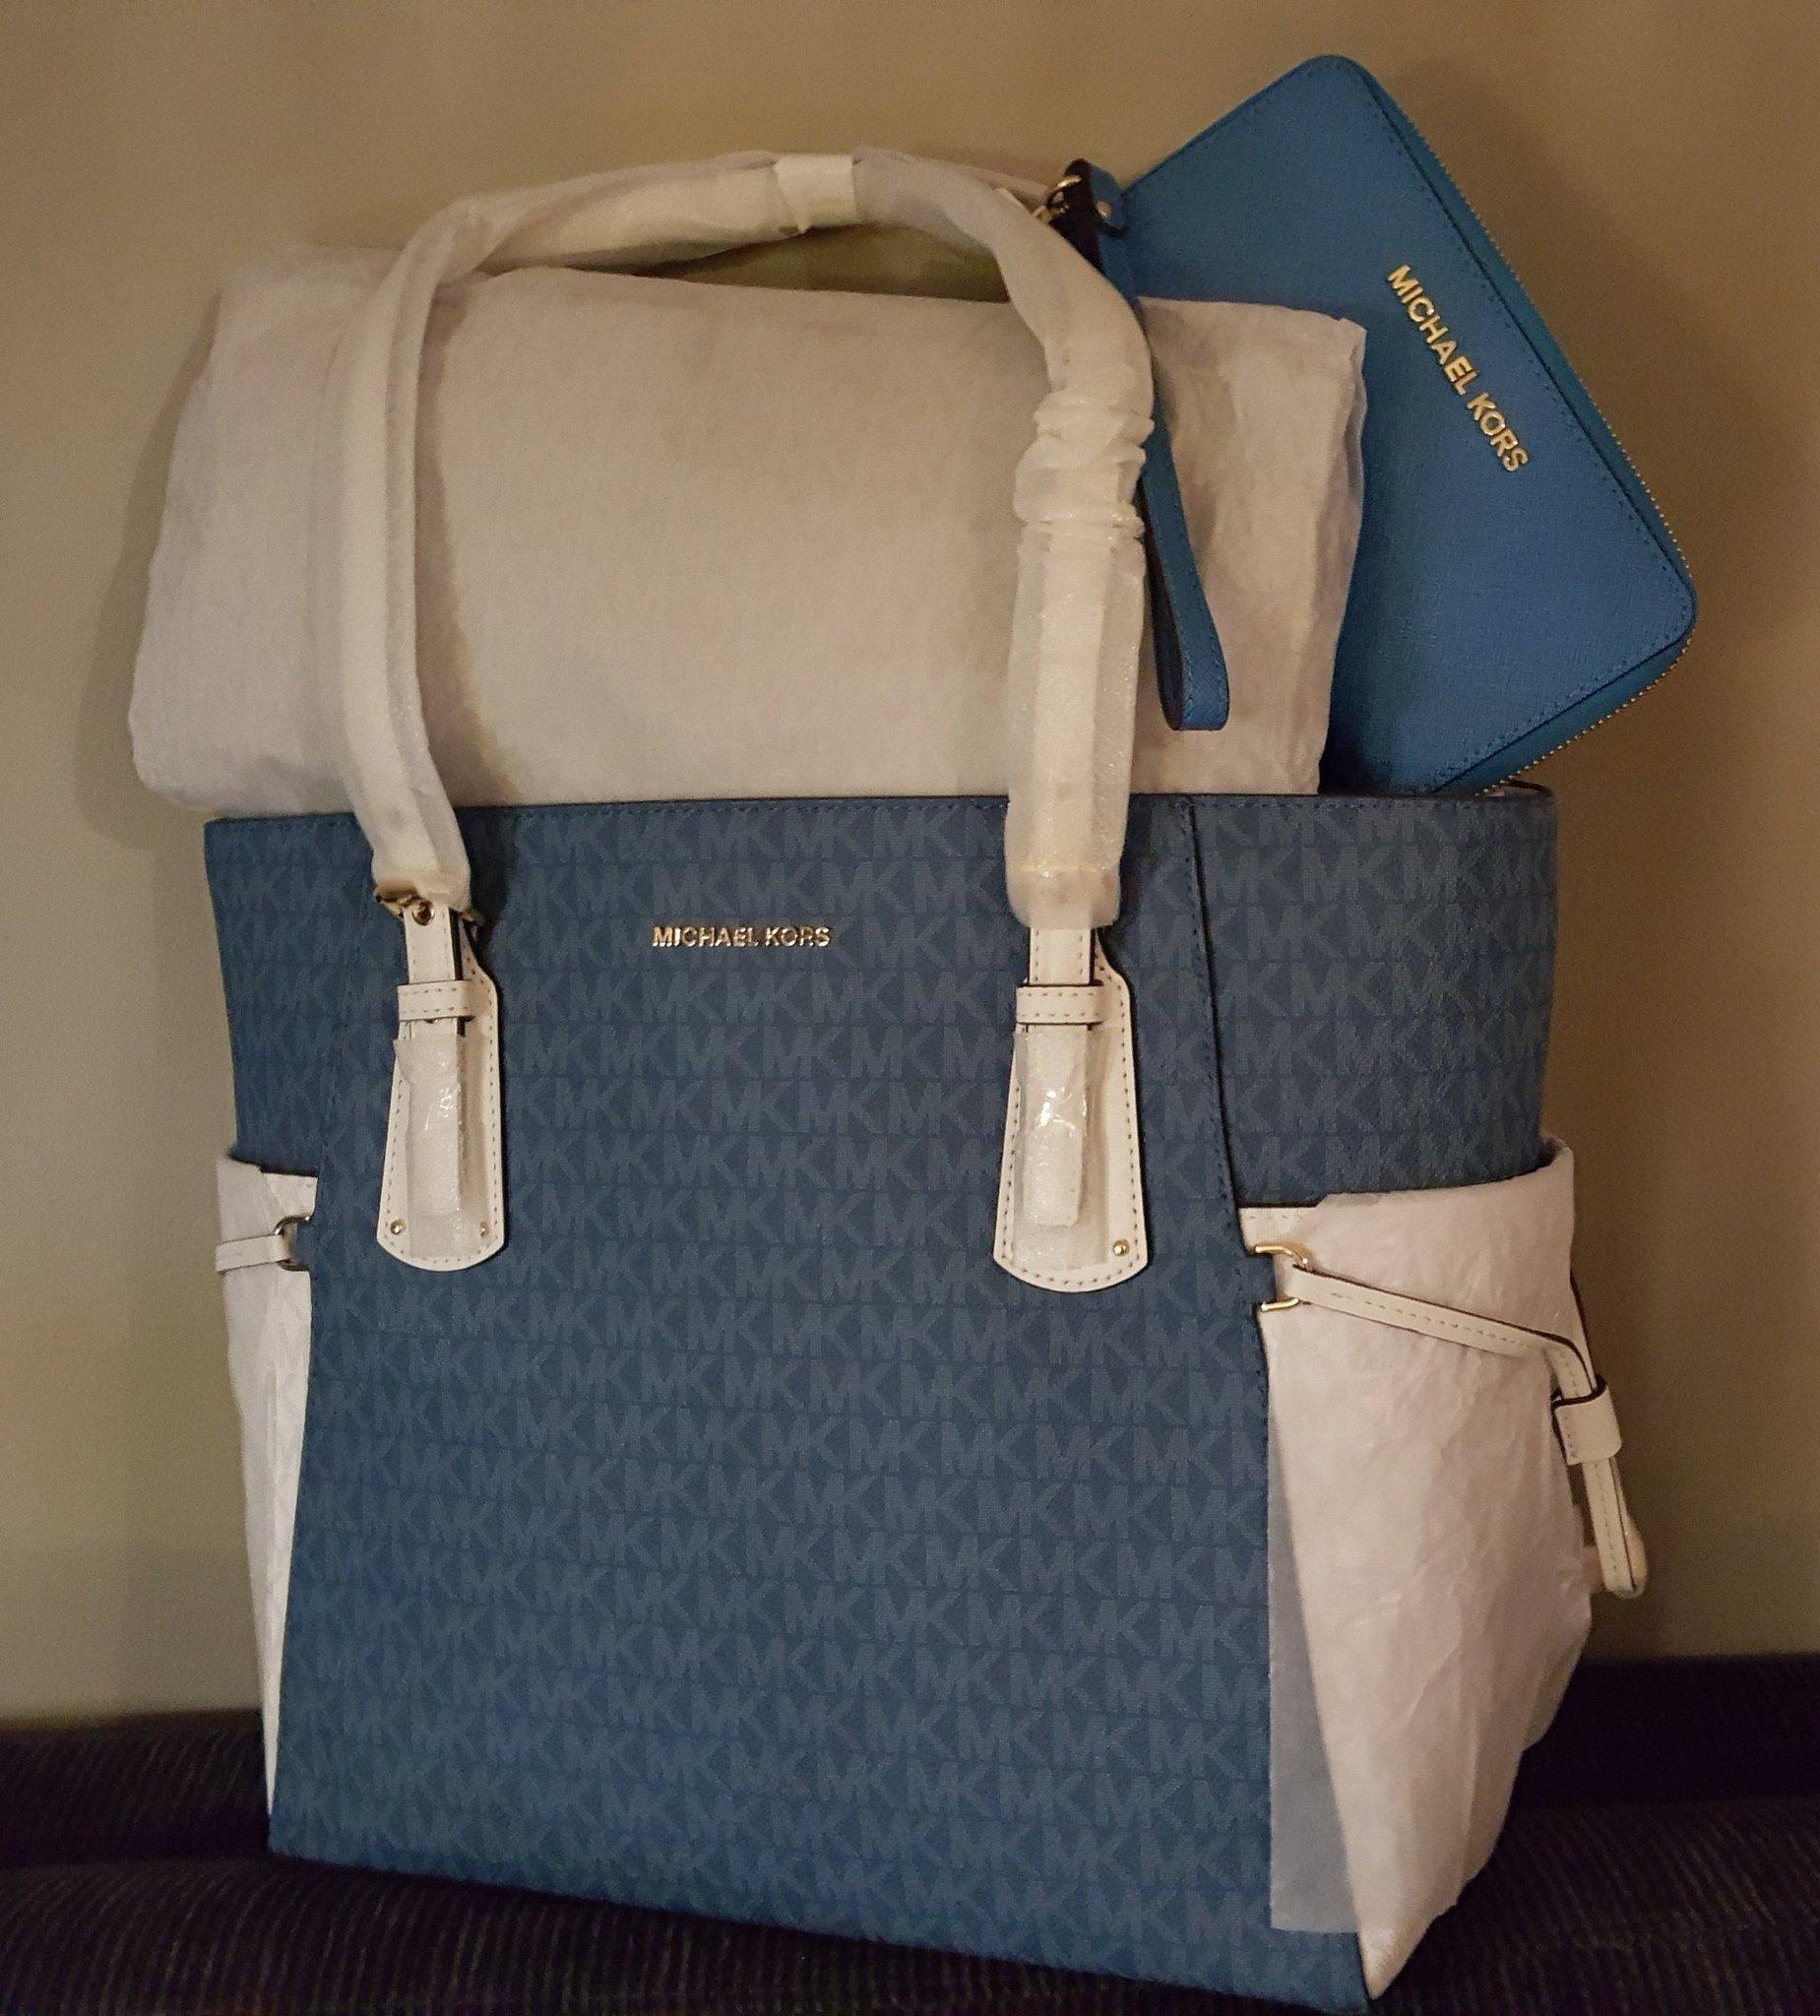 Michael Kors Väskor: Köp upp till −35% | Stylight